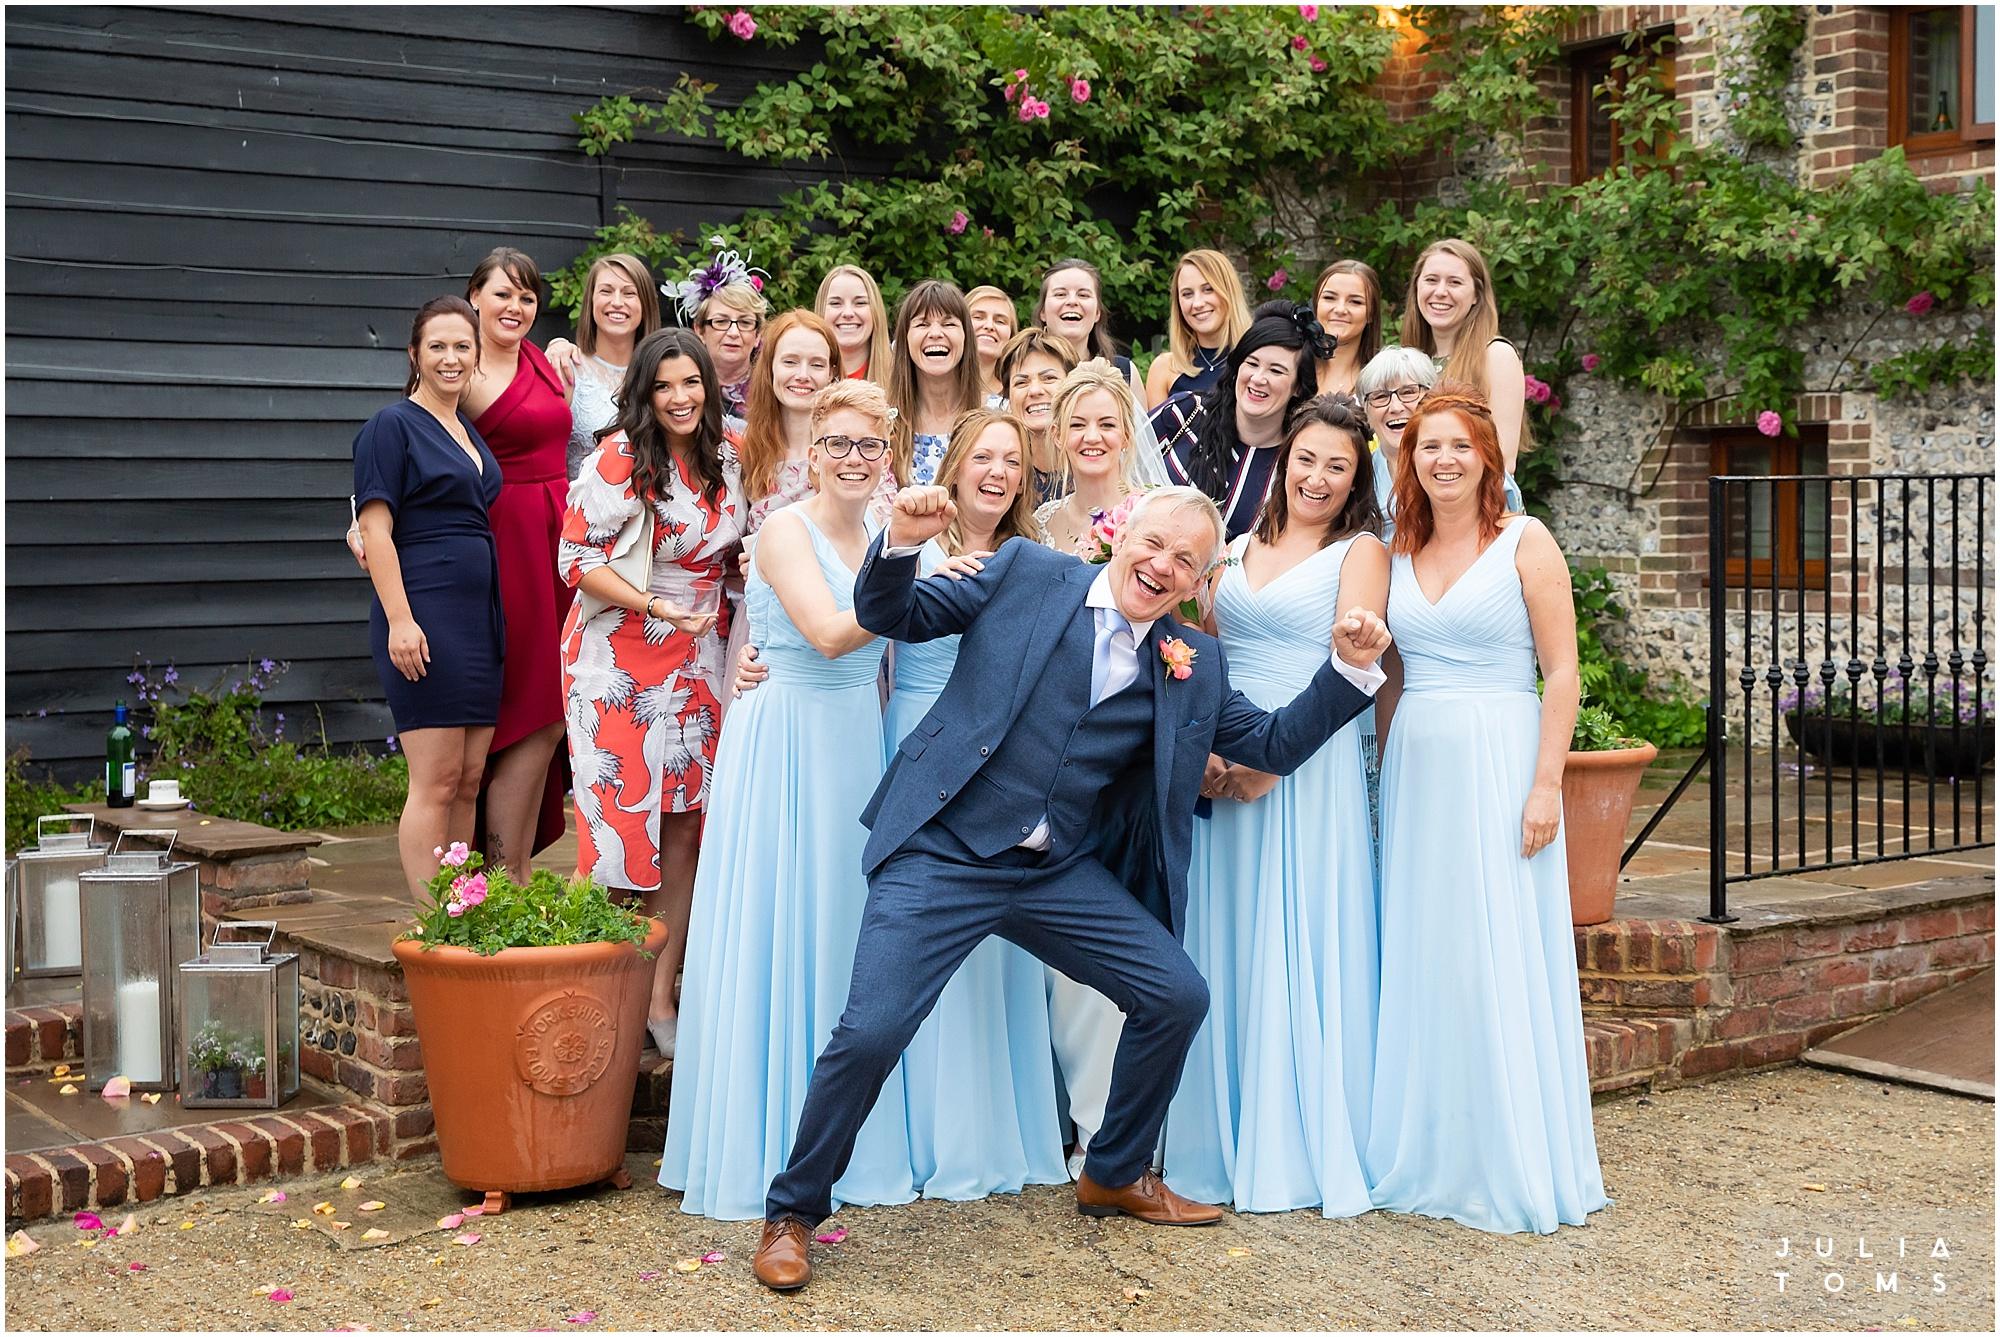 chichester_wedding_photographer_054.jpg